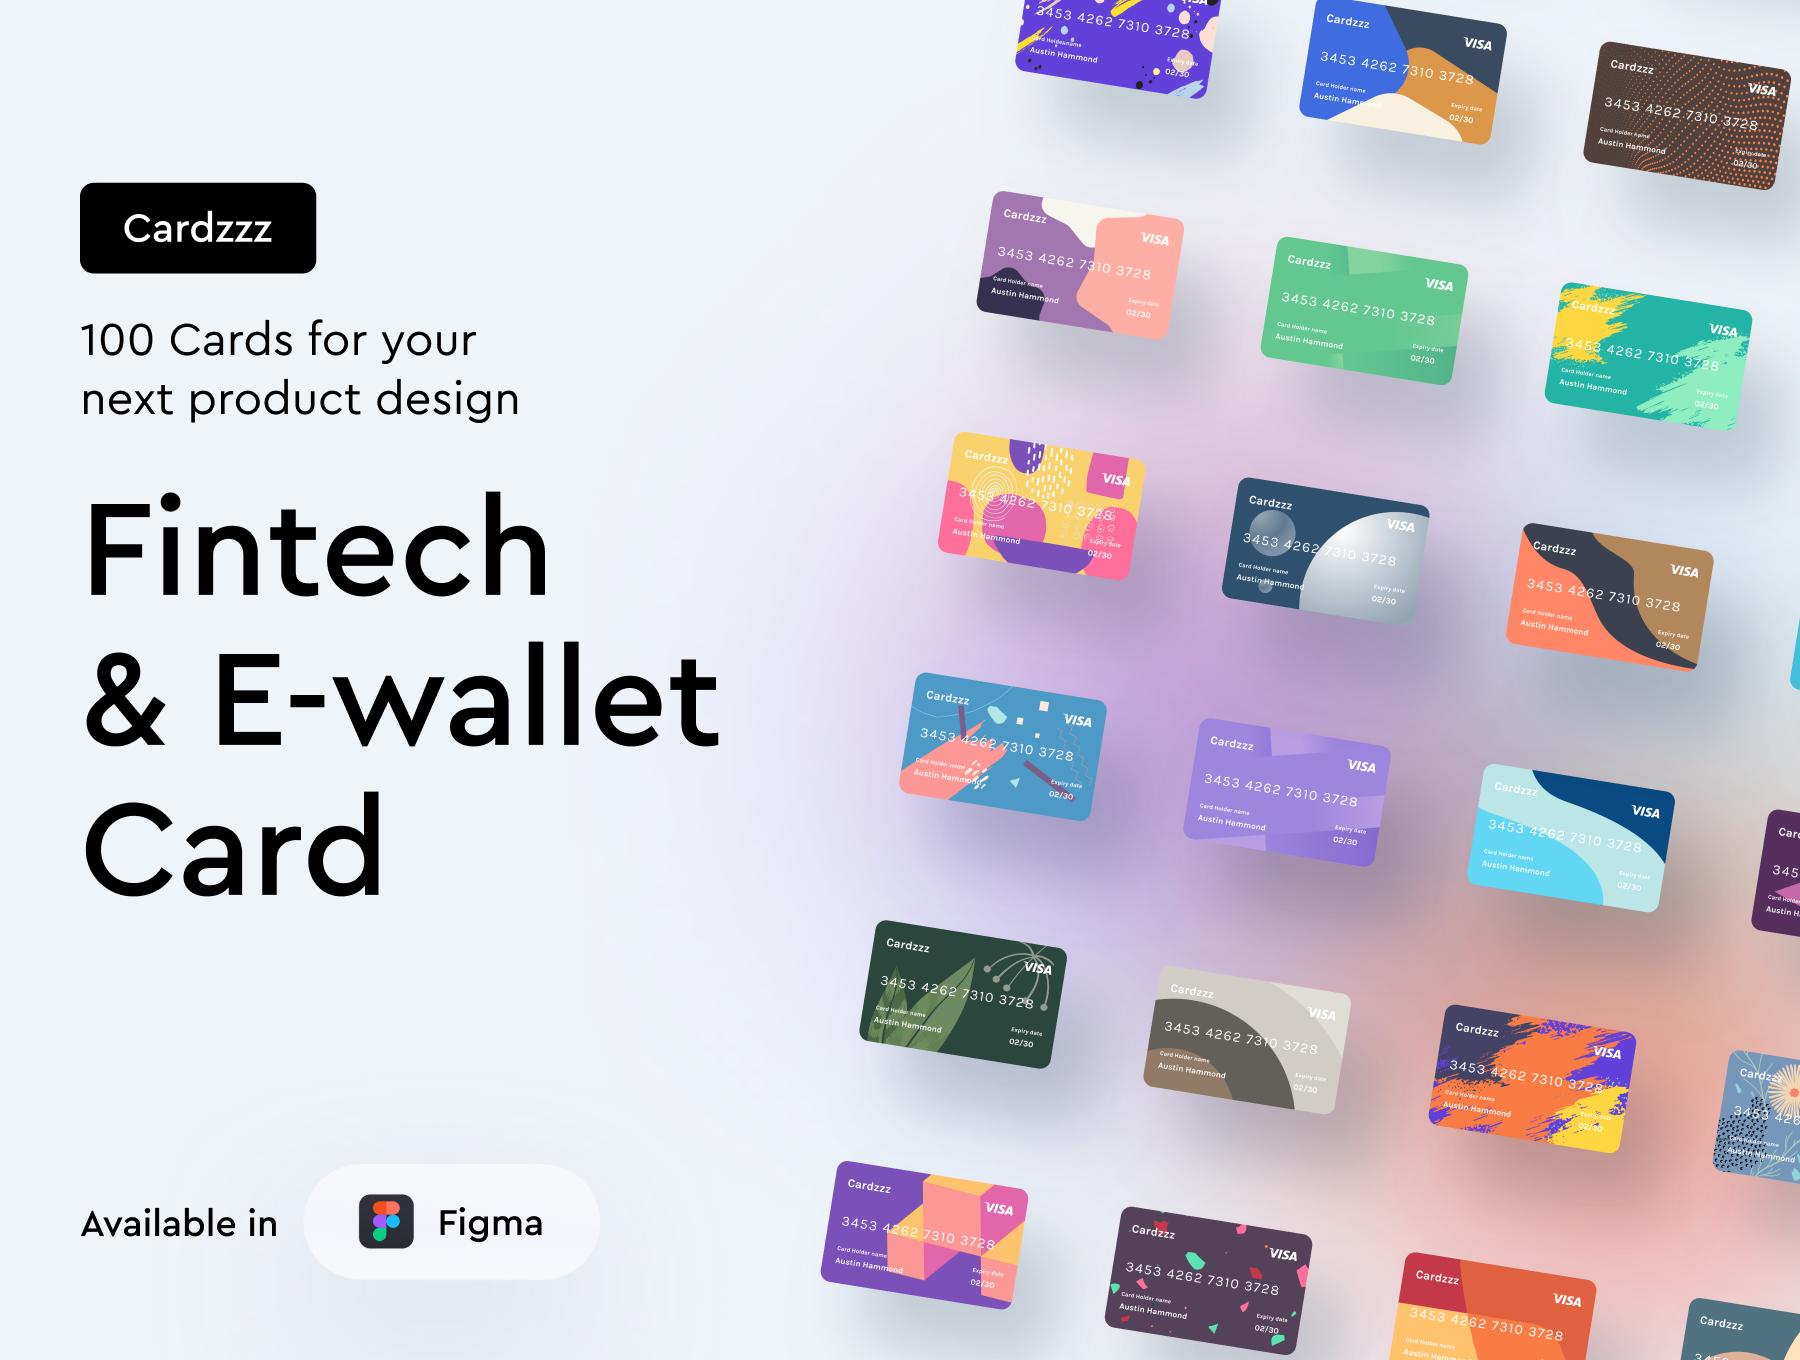 Cardzzz fintech and E-wallet card